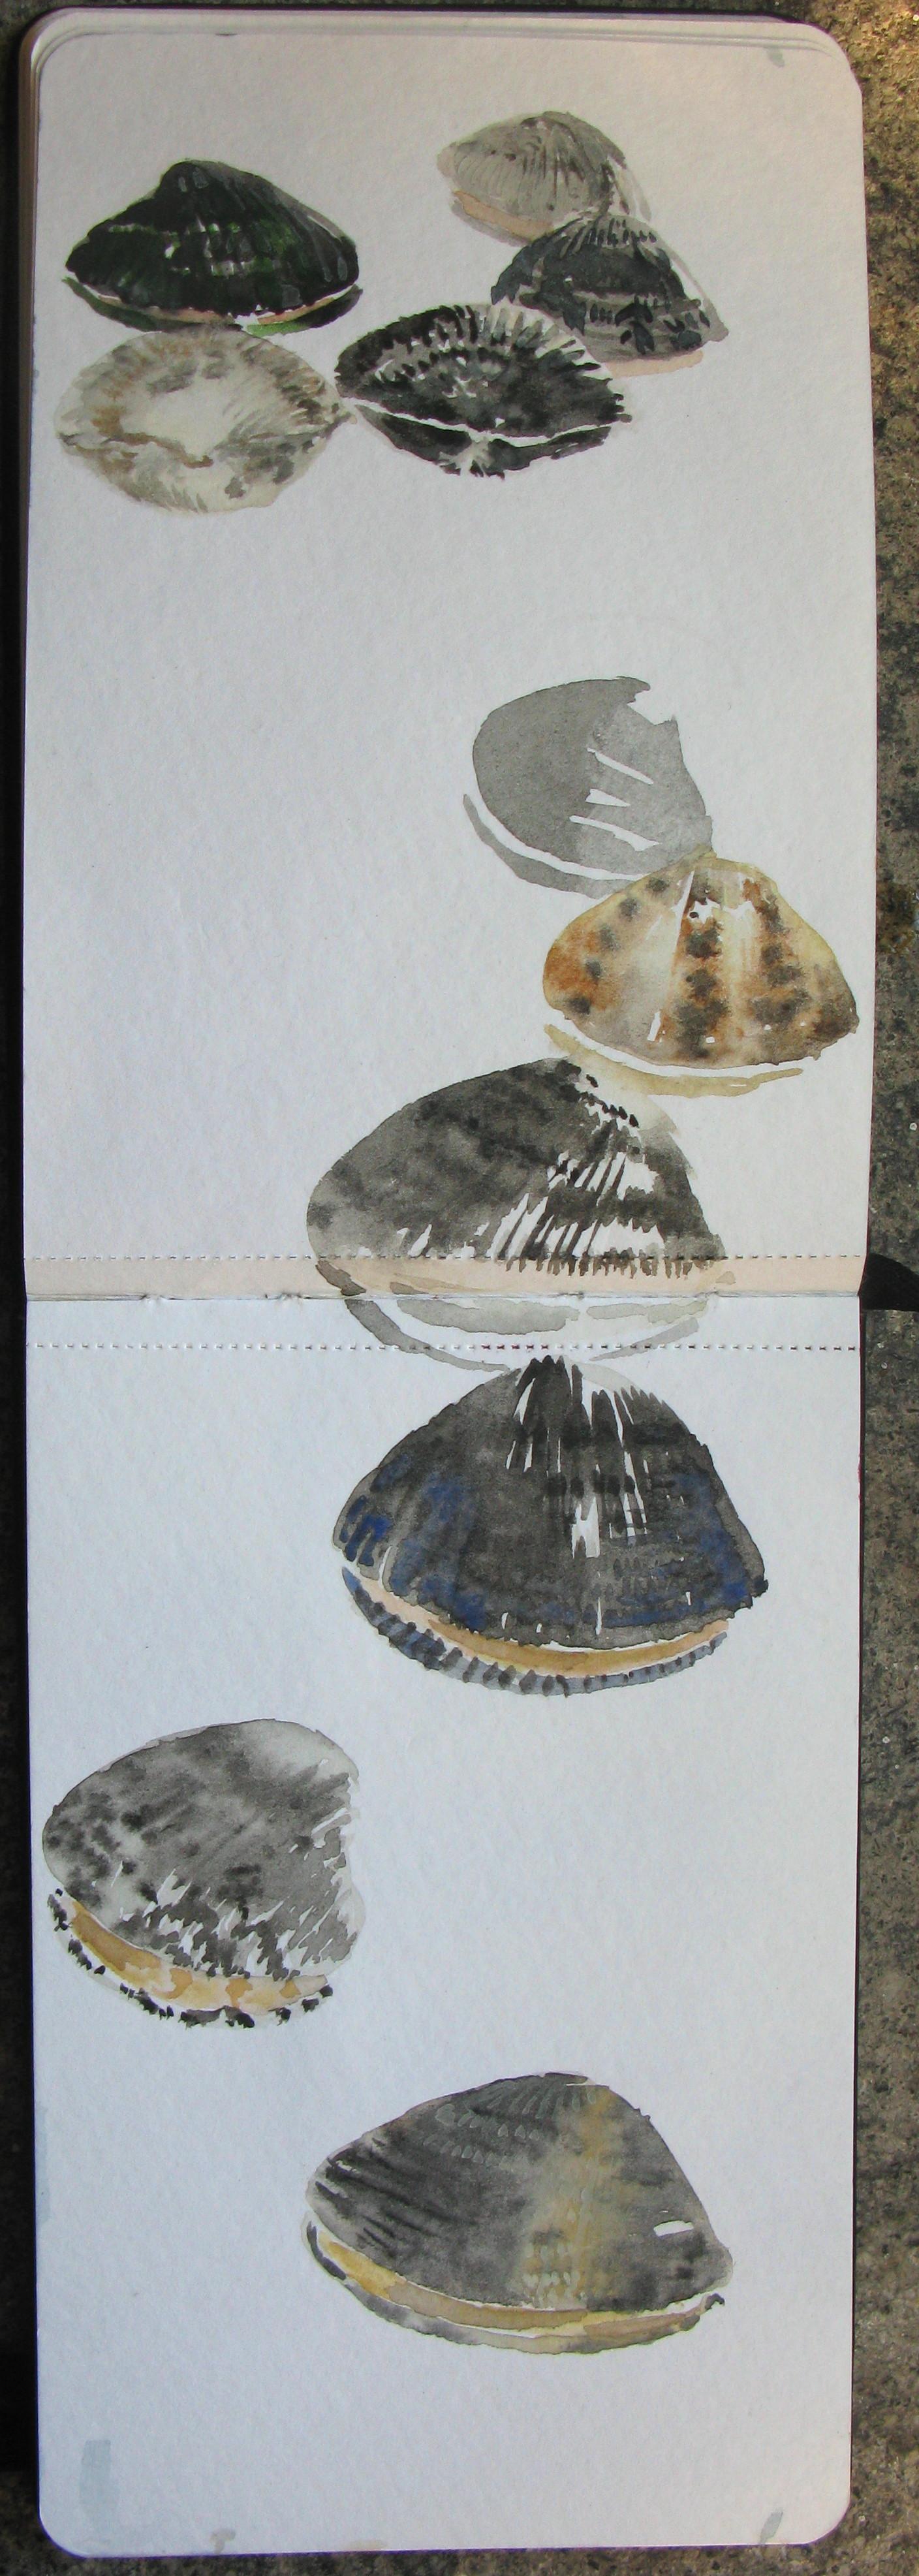 A 18) Appunti di viaggio per mare, 2011, acquerello, 28x9